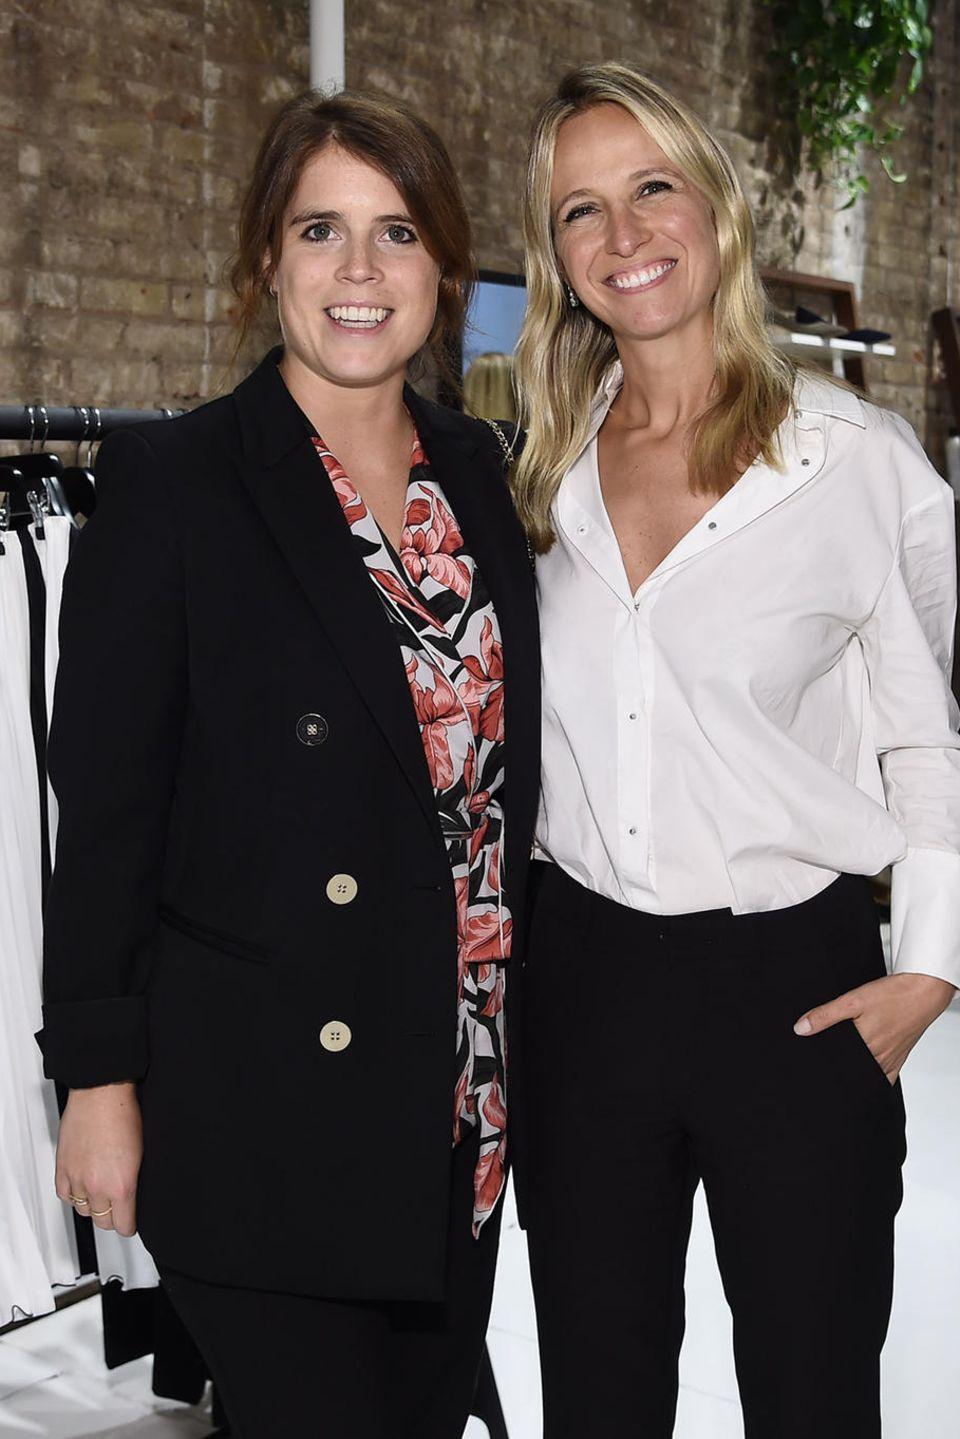 Prinzessin Eugenie (l.) und Misha Nonoo (r.) am 9. September in New York